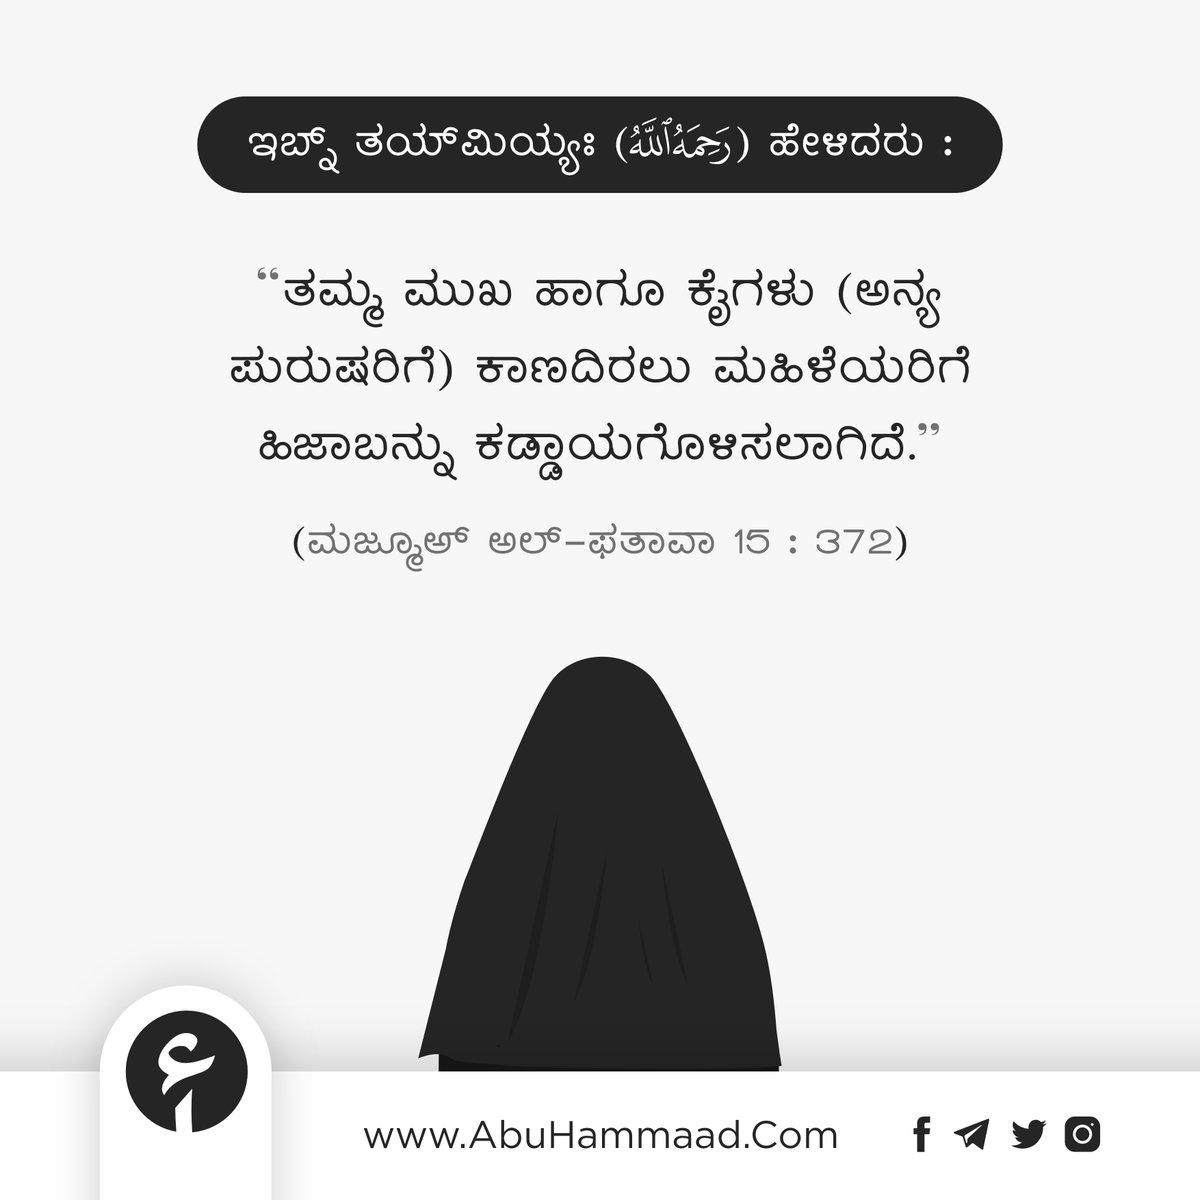 ಹಿಜಾಬ್ ಪರಿಪೂರ್ಣವಾಗಿರಲಿ... . . . #islamkannada #kannada #islamickannadaposters #salafikannada #abuhammaad #mangalore #kannadaquotes #karnataka #ಇಸ್ಲಾಂ #ಇಸ್ಲಾಮ್ #ಕನ್ನಡ #hijab #muslim #islam #muslimwomen